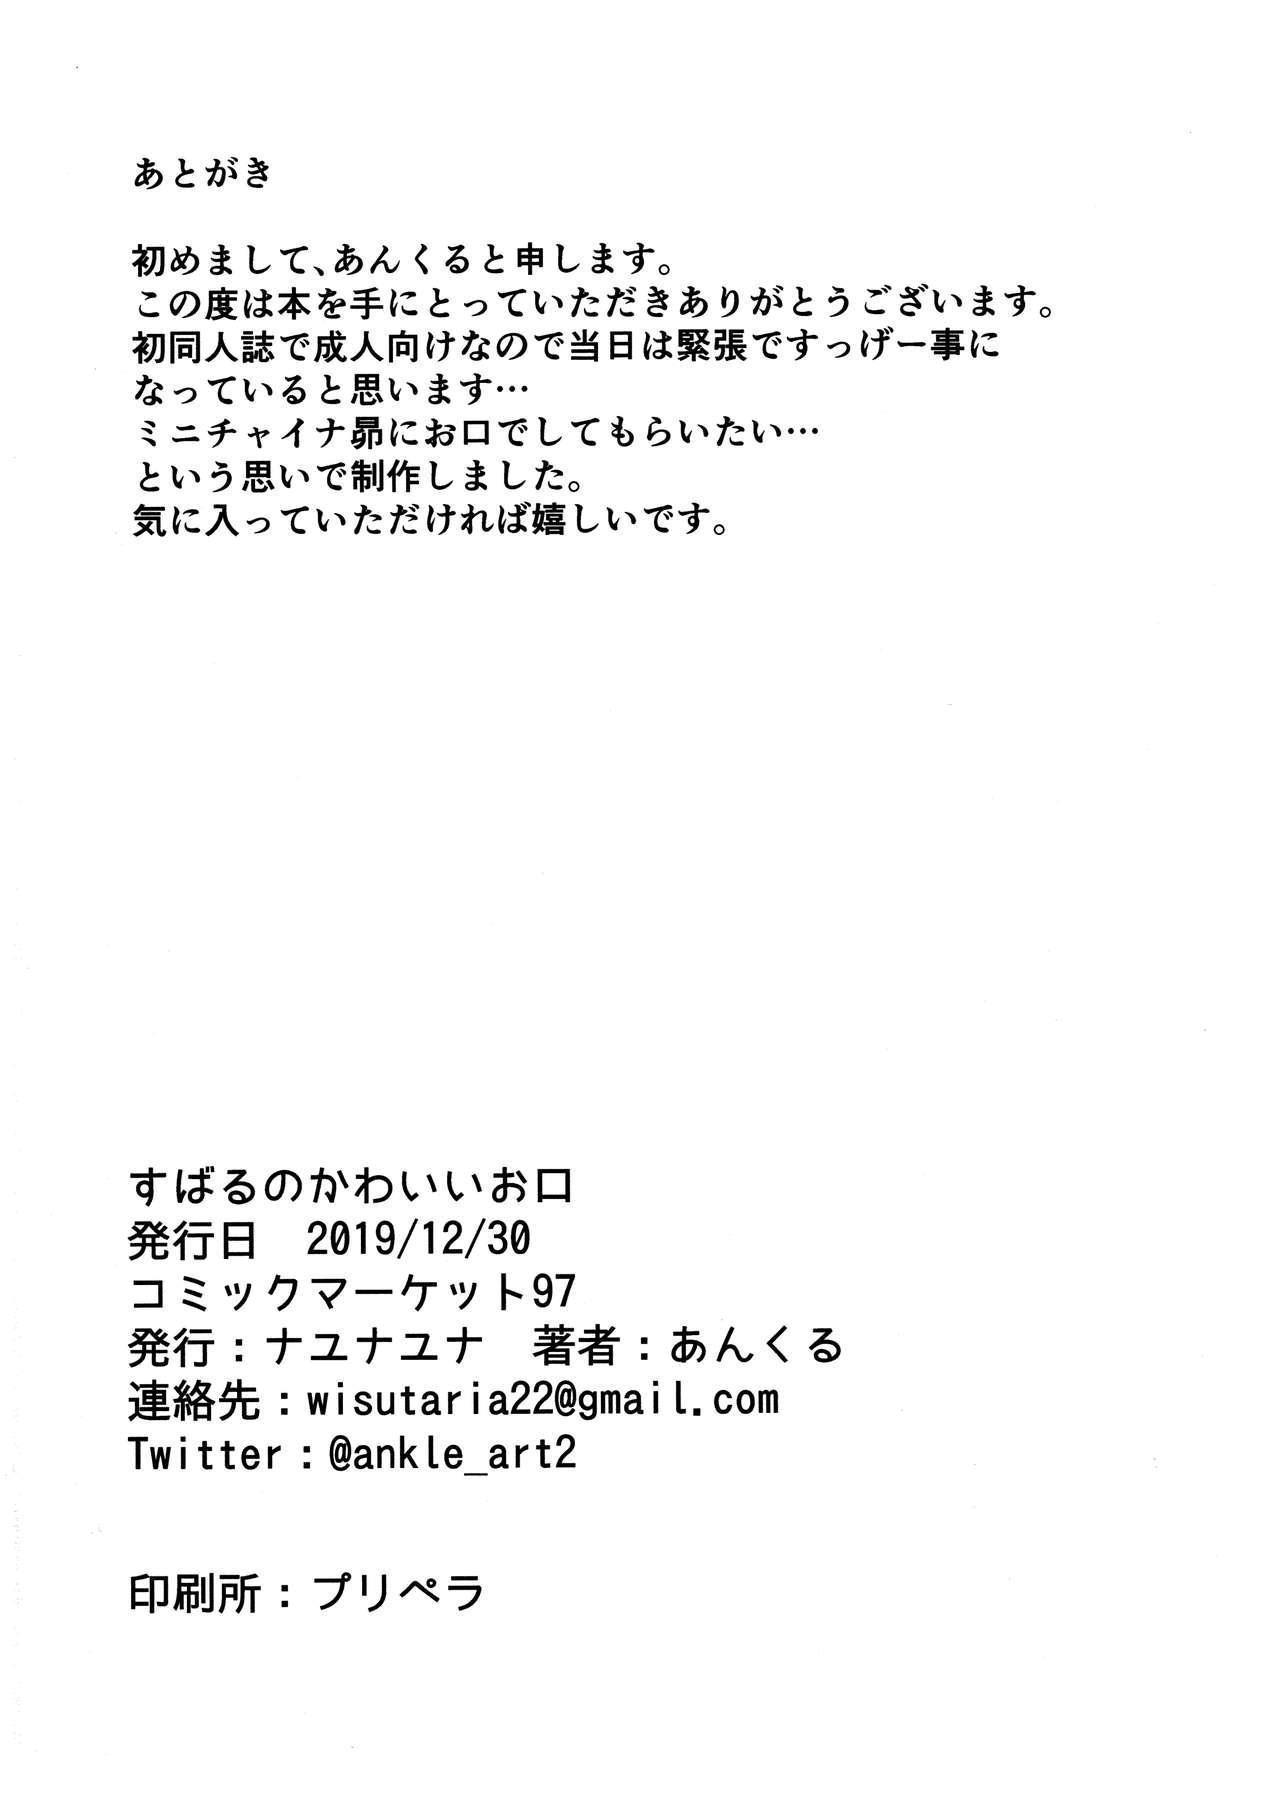 Subaru no kawaii Okuchi 12